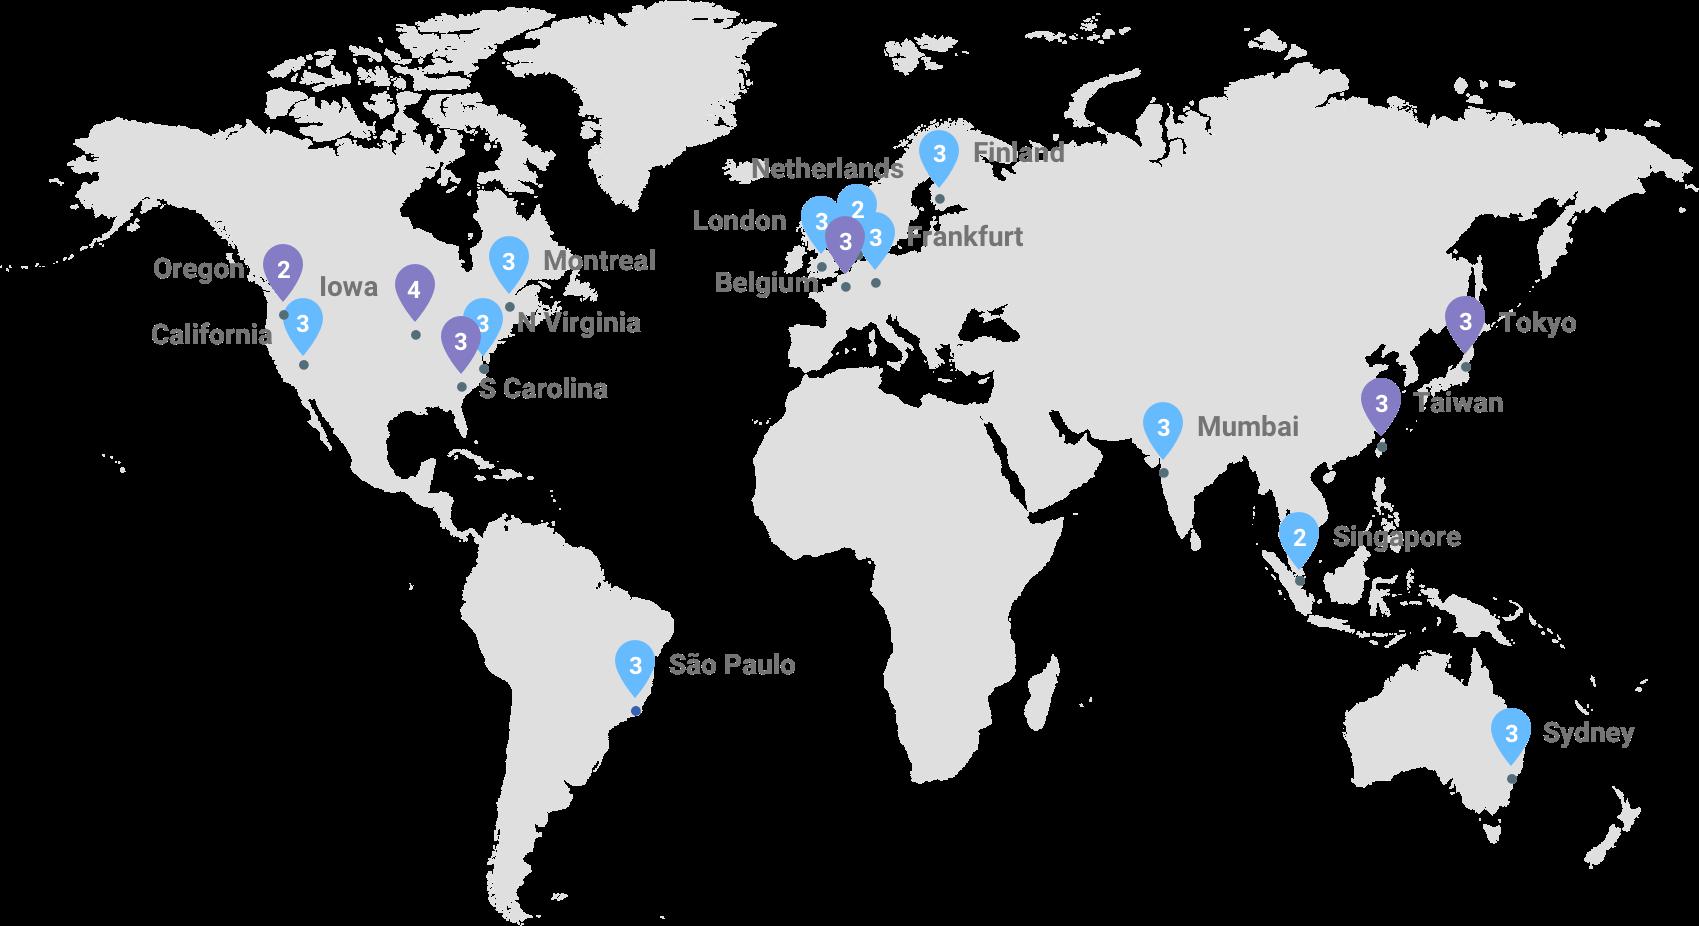 La carte des infrastructures de la plateforme Google Cloud: les régions actuelles sont affichées en mauve, les régions à venir, en bleu.